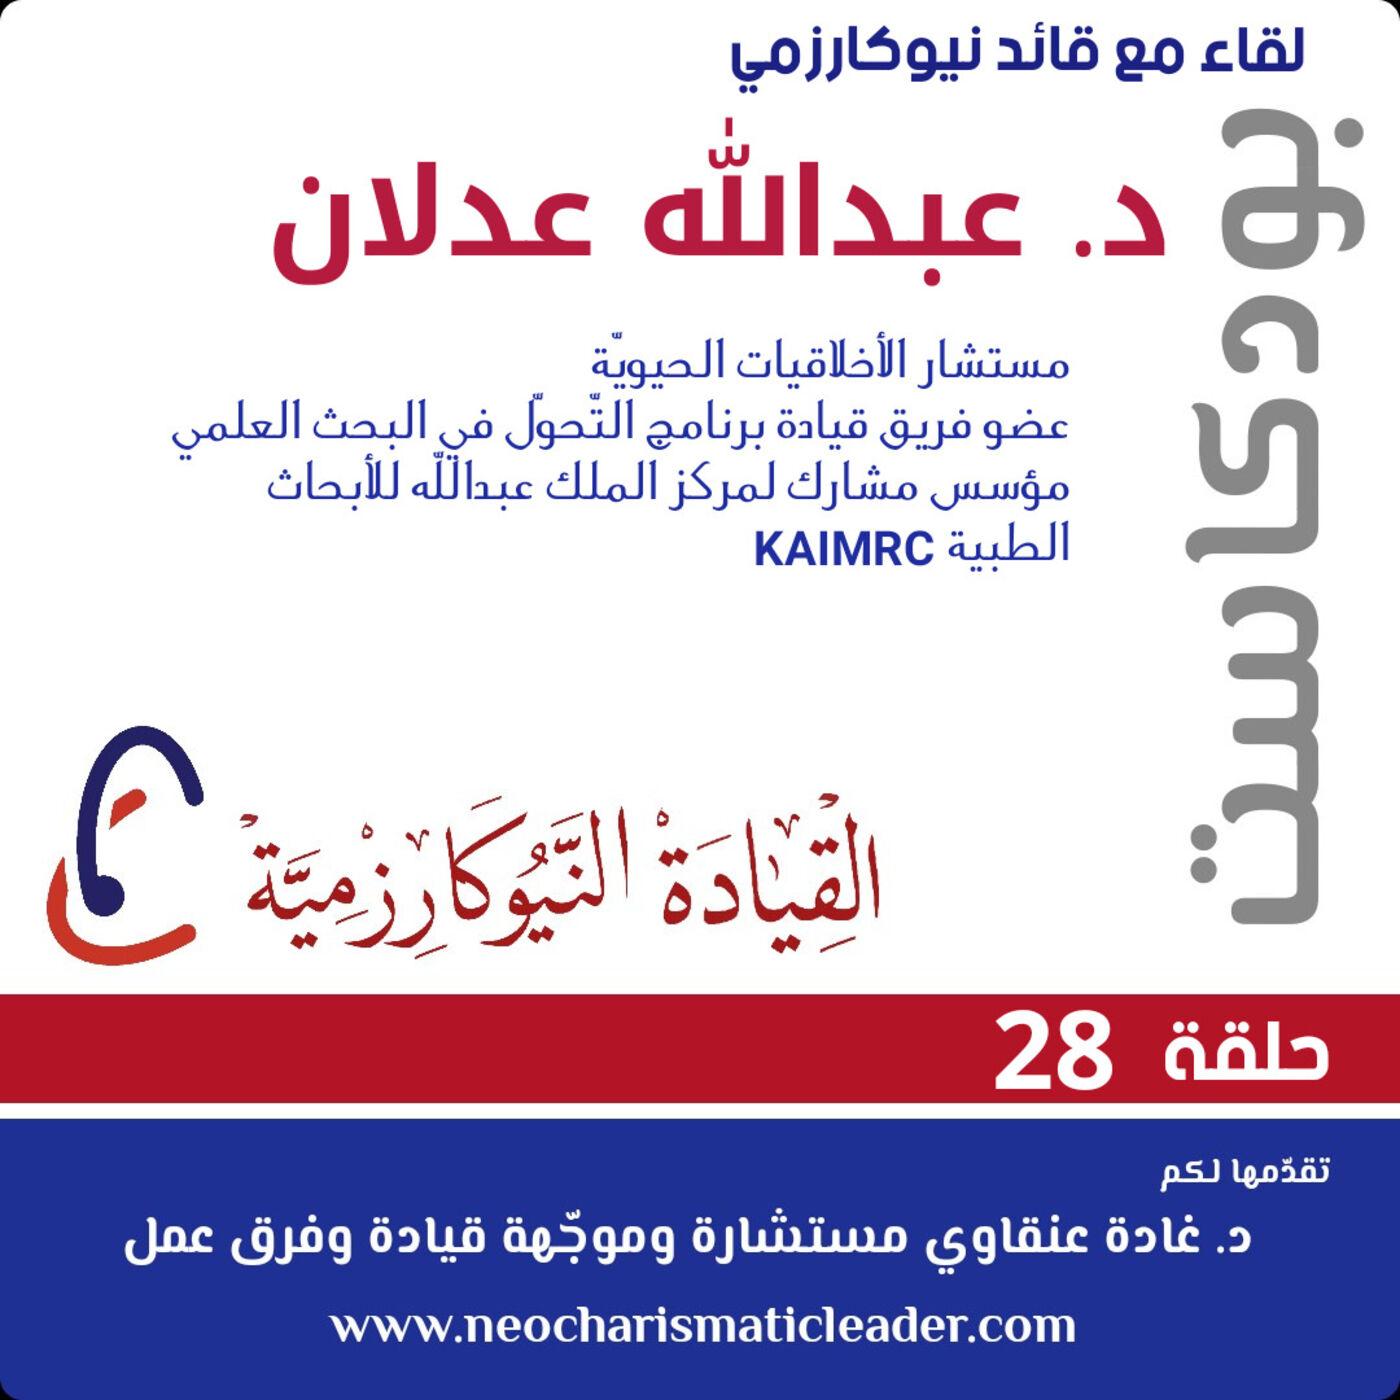 حلقة 28 - لقاء مع ضيف قيادي نيوكارزمي - د. عبد الله عدلان